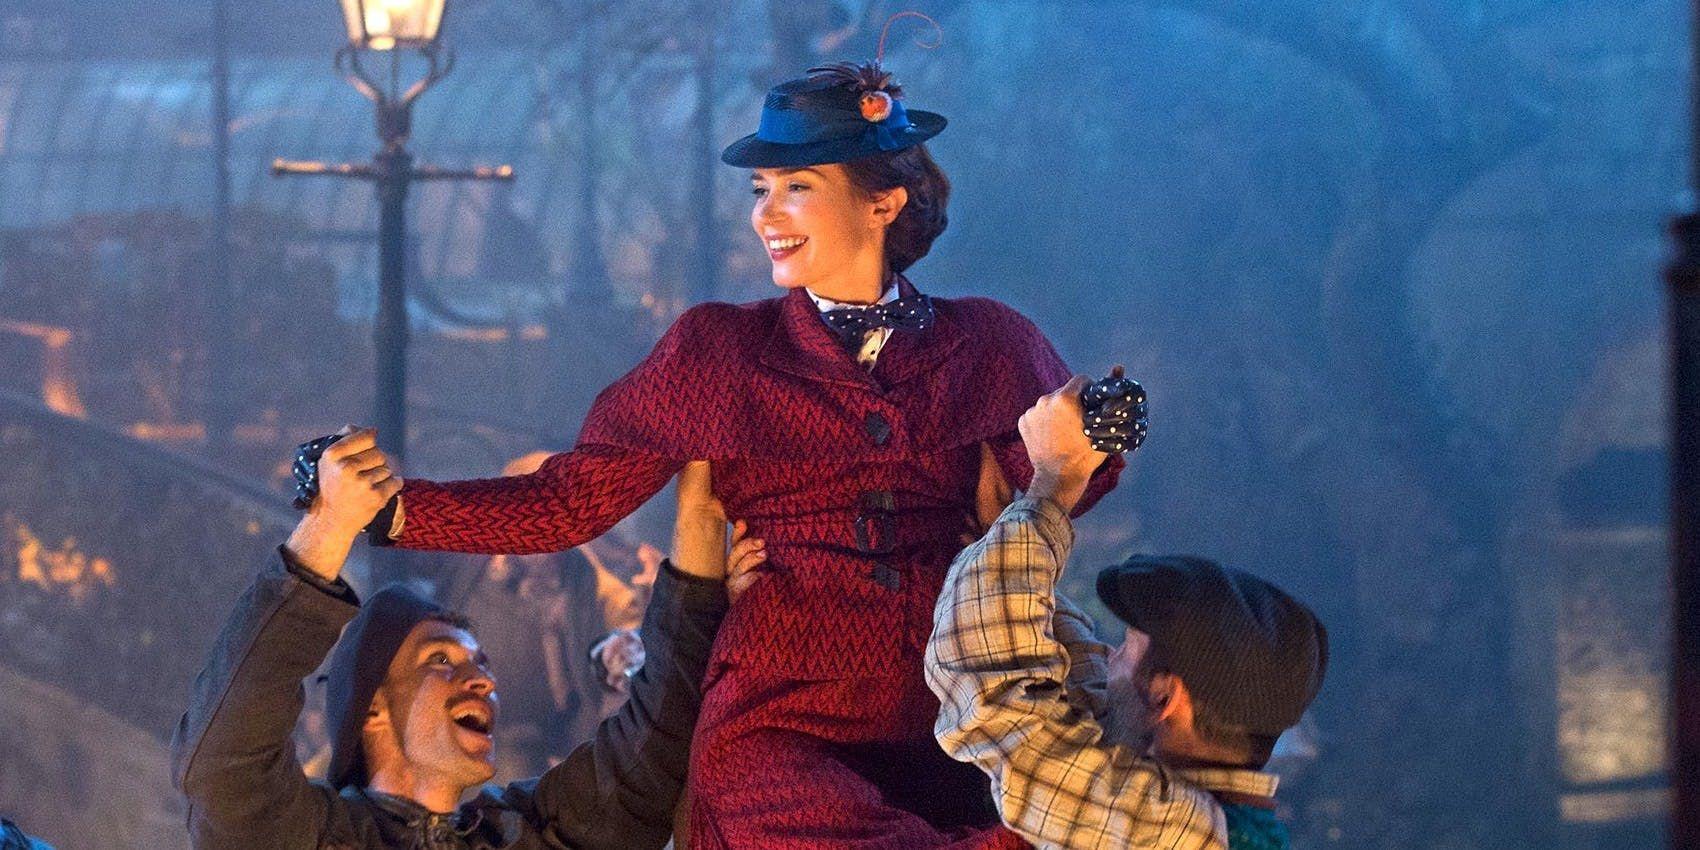 'El regreso de Mary Poppins' en la carrera por el Oscar - Mary Poppins Returns lucha por el Oscar